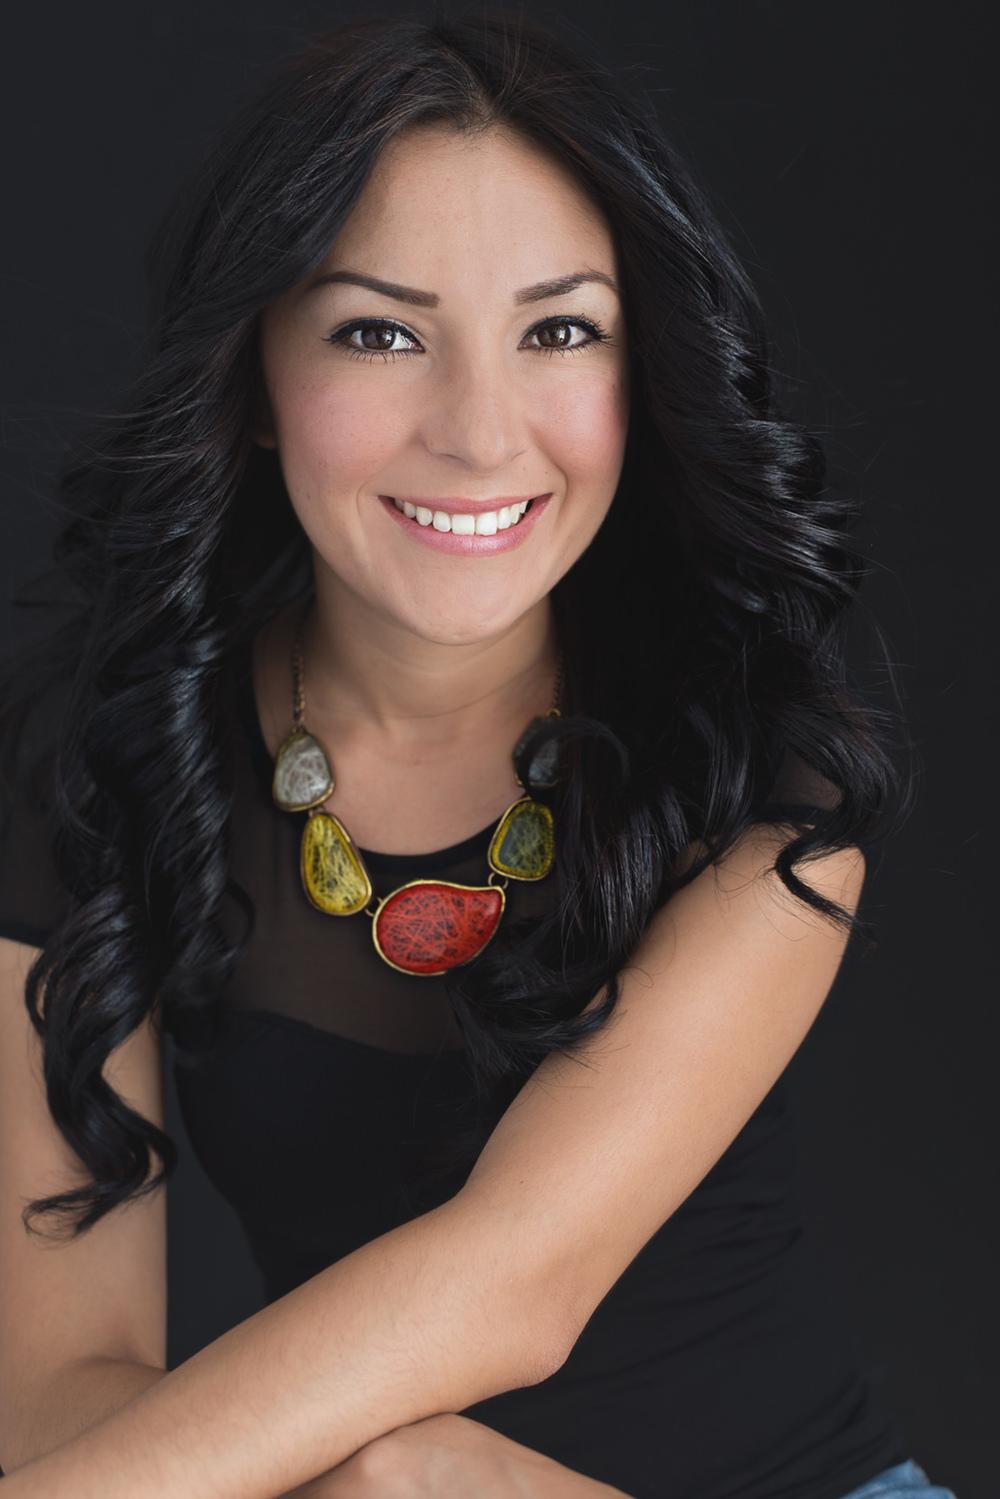 Fabiola-Melissa Alcantar Fotografía-Sesión de fotos en Mexicali